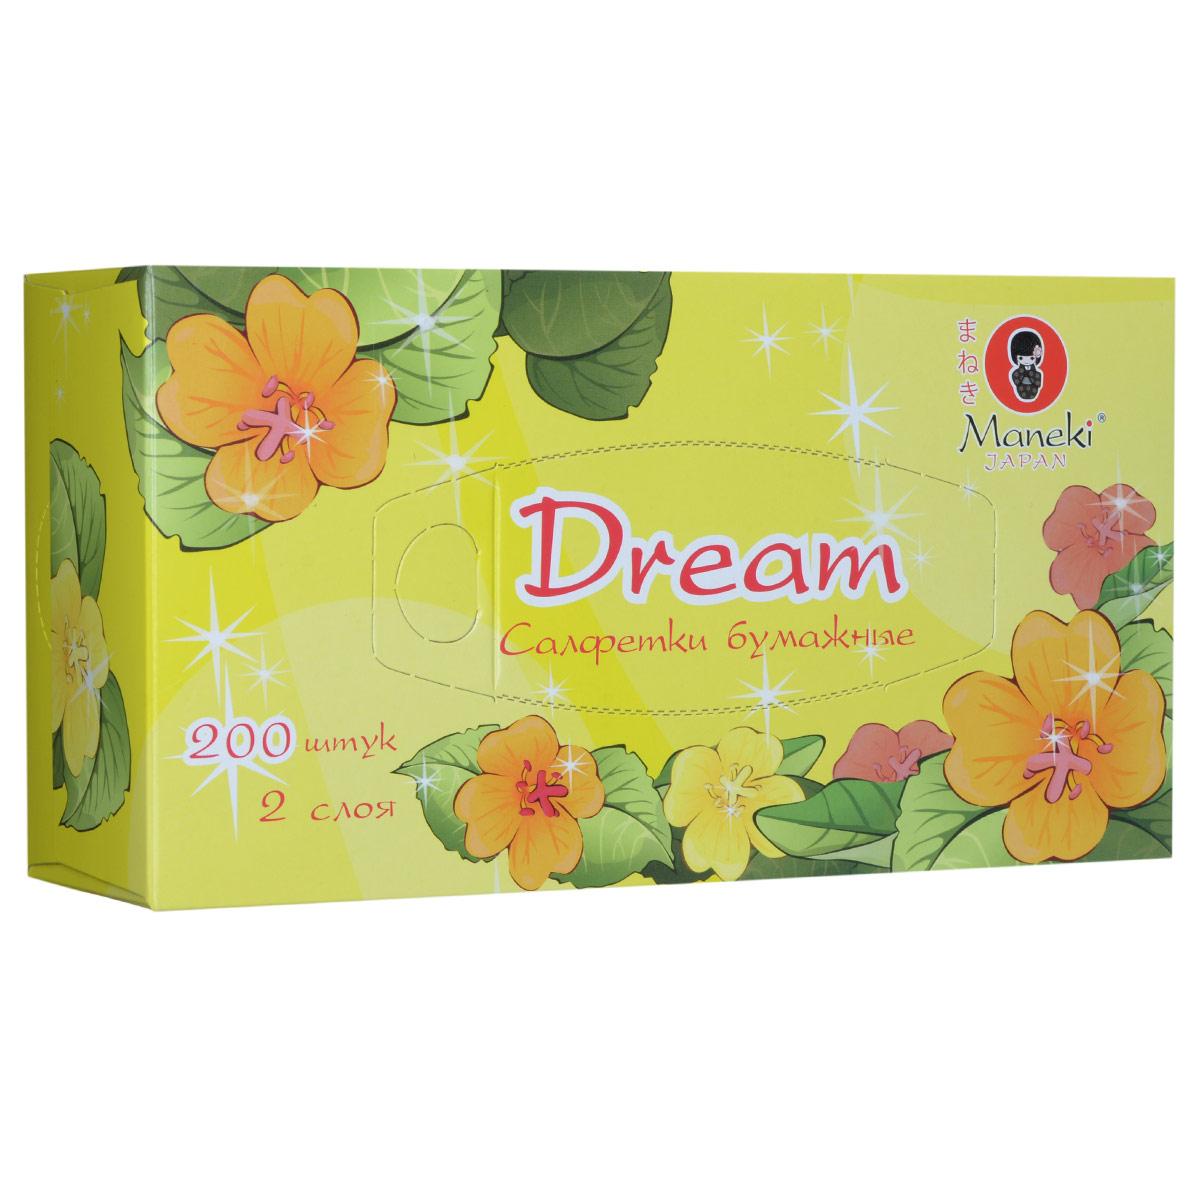 Maneki Салфетки бумажные Dream, двухслойные, цвет: желтый, 200 штFT135Двухслойные бумажные салфетки Maneki Dream, выполненные из натуральной экологически чистой целлюлозы, подарят превосходный комфорт и ощущение чистоты и свежести. Салфетки упакованы в коробку, поэтому их удобно использовать дома или взять с собой в офис или машину. Не содержат хлор.